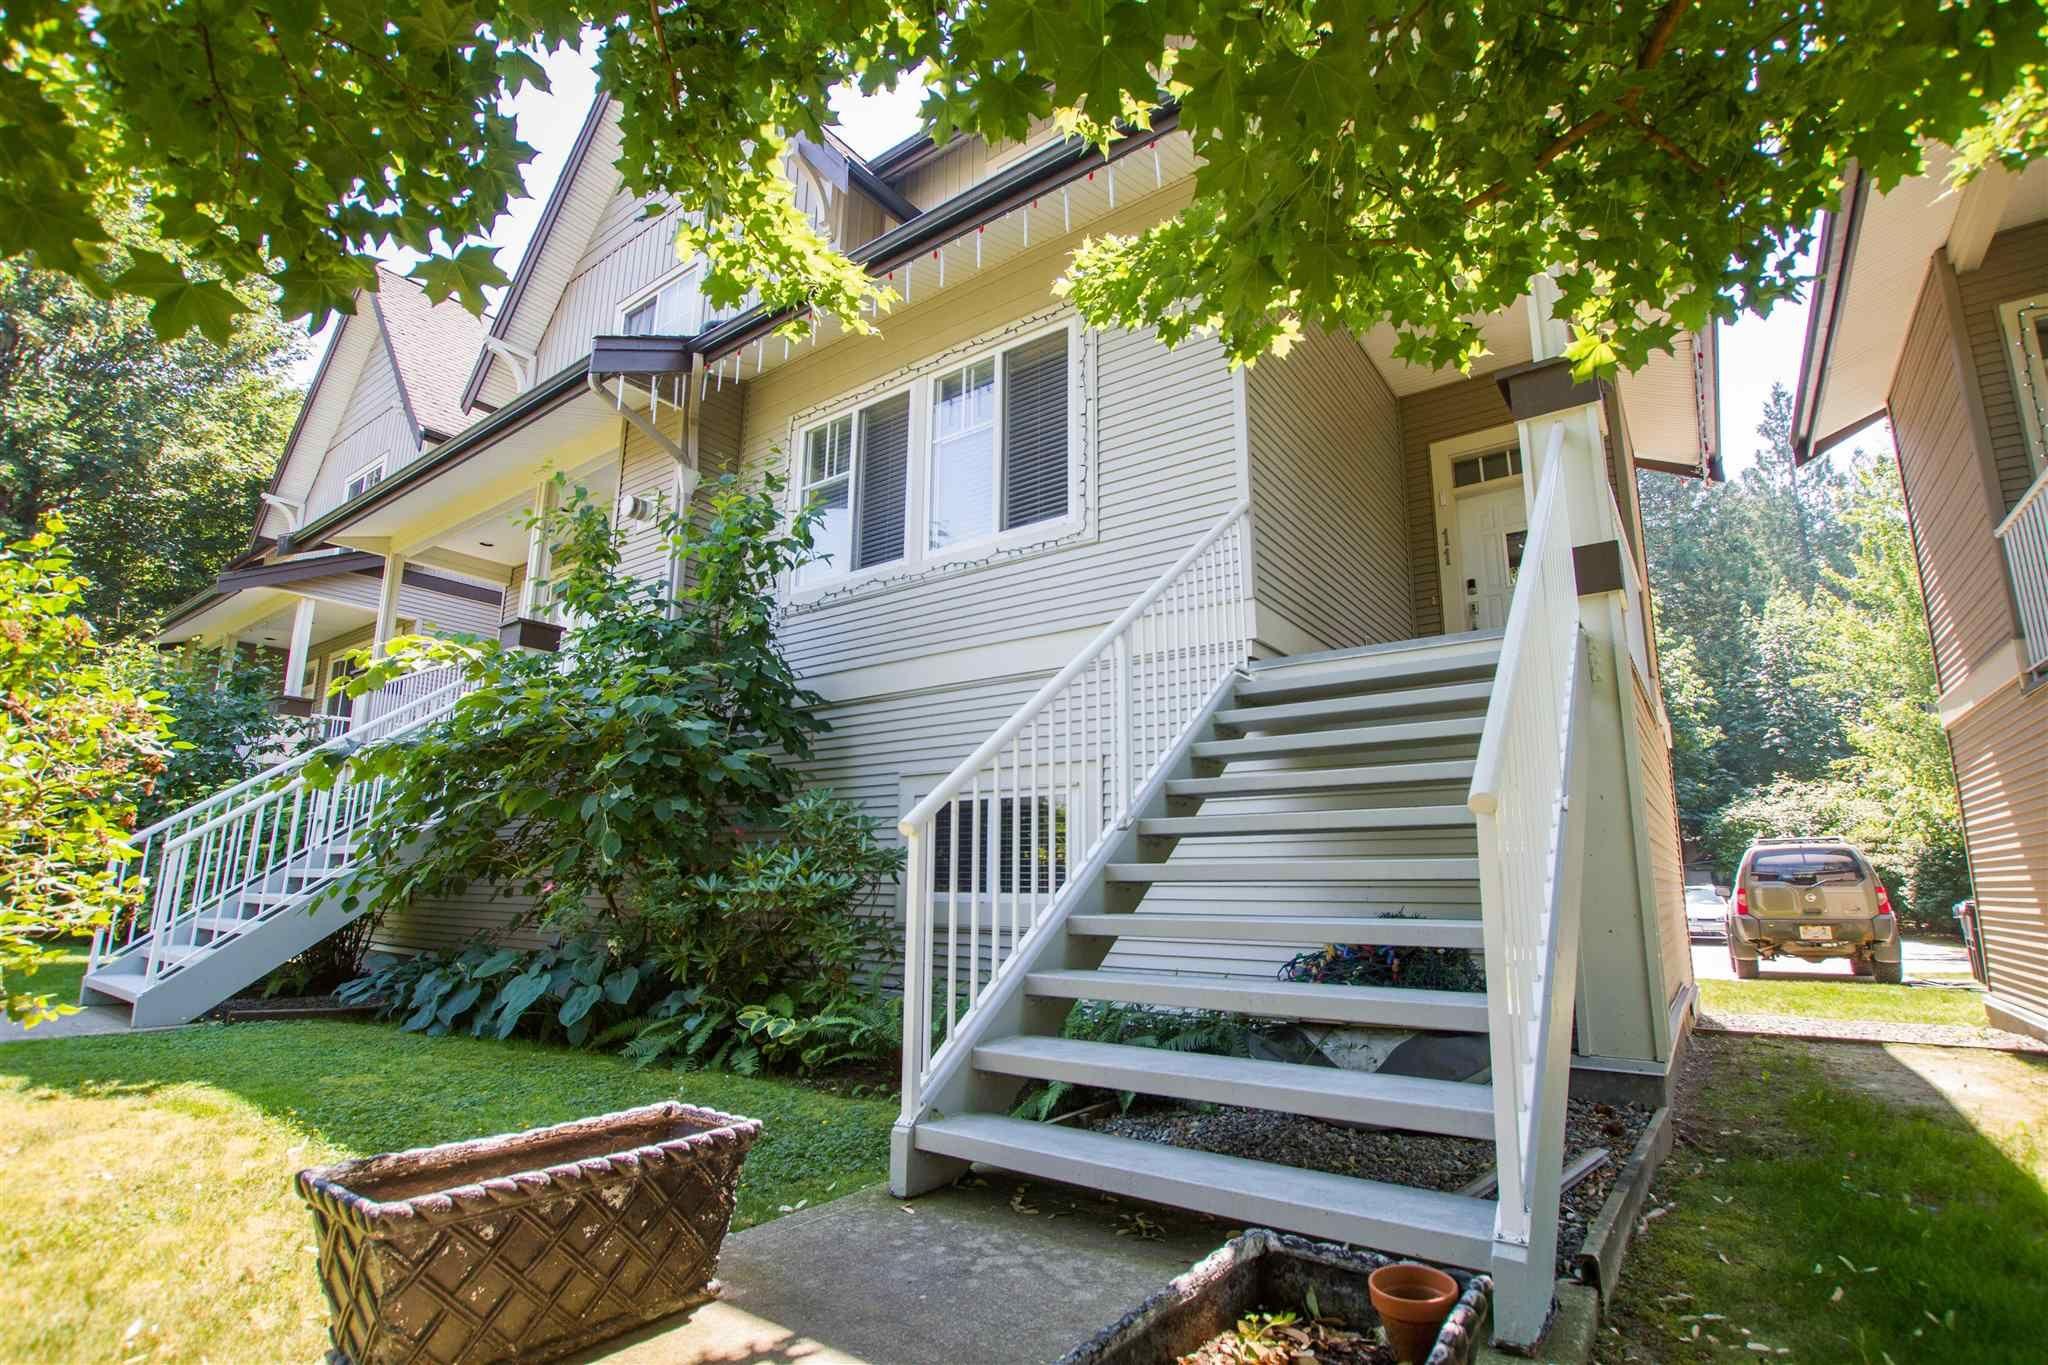 """Photo 4: Photos: 11 1800 MAMQUAM Road in Squamish: Garibaldi Estates Townhouse for sale in """"Virescence"""" : MLS®# R2597844"""